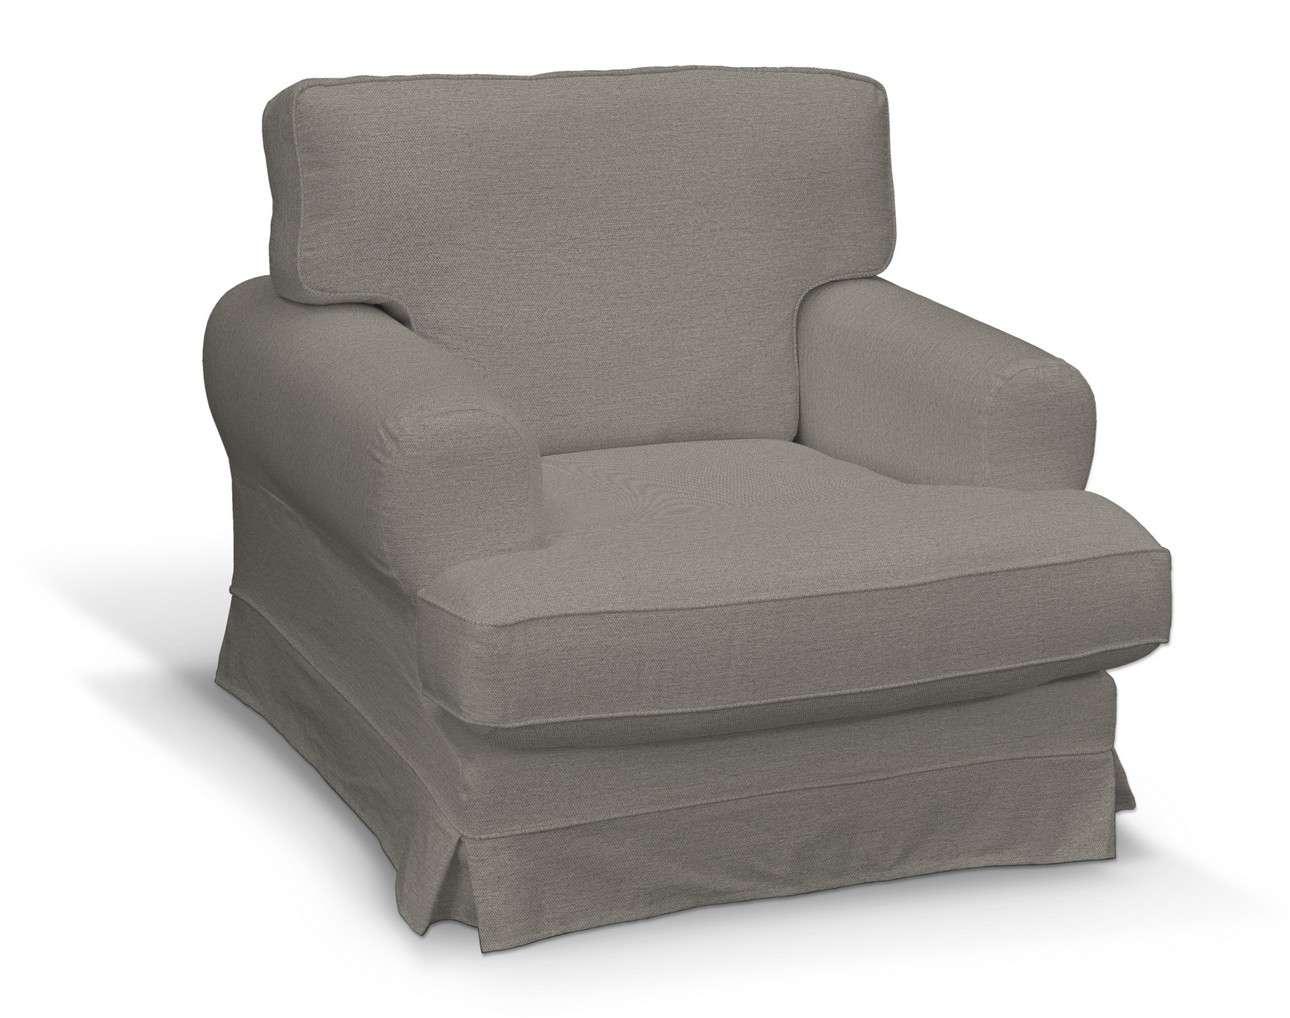 Pokrowiec na fotel Ekeskog w kolekcji Madrid, tkanina: 161-91